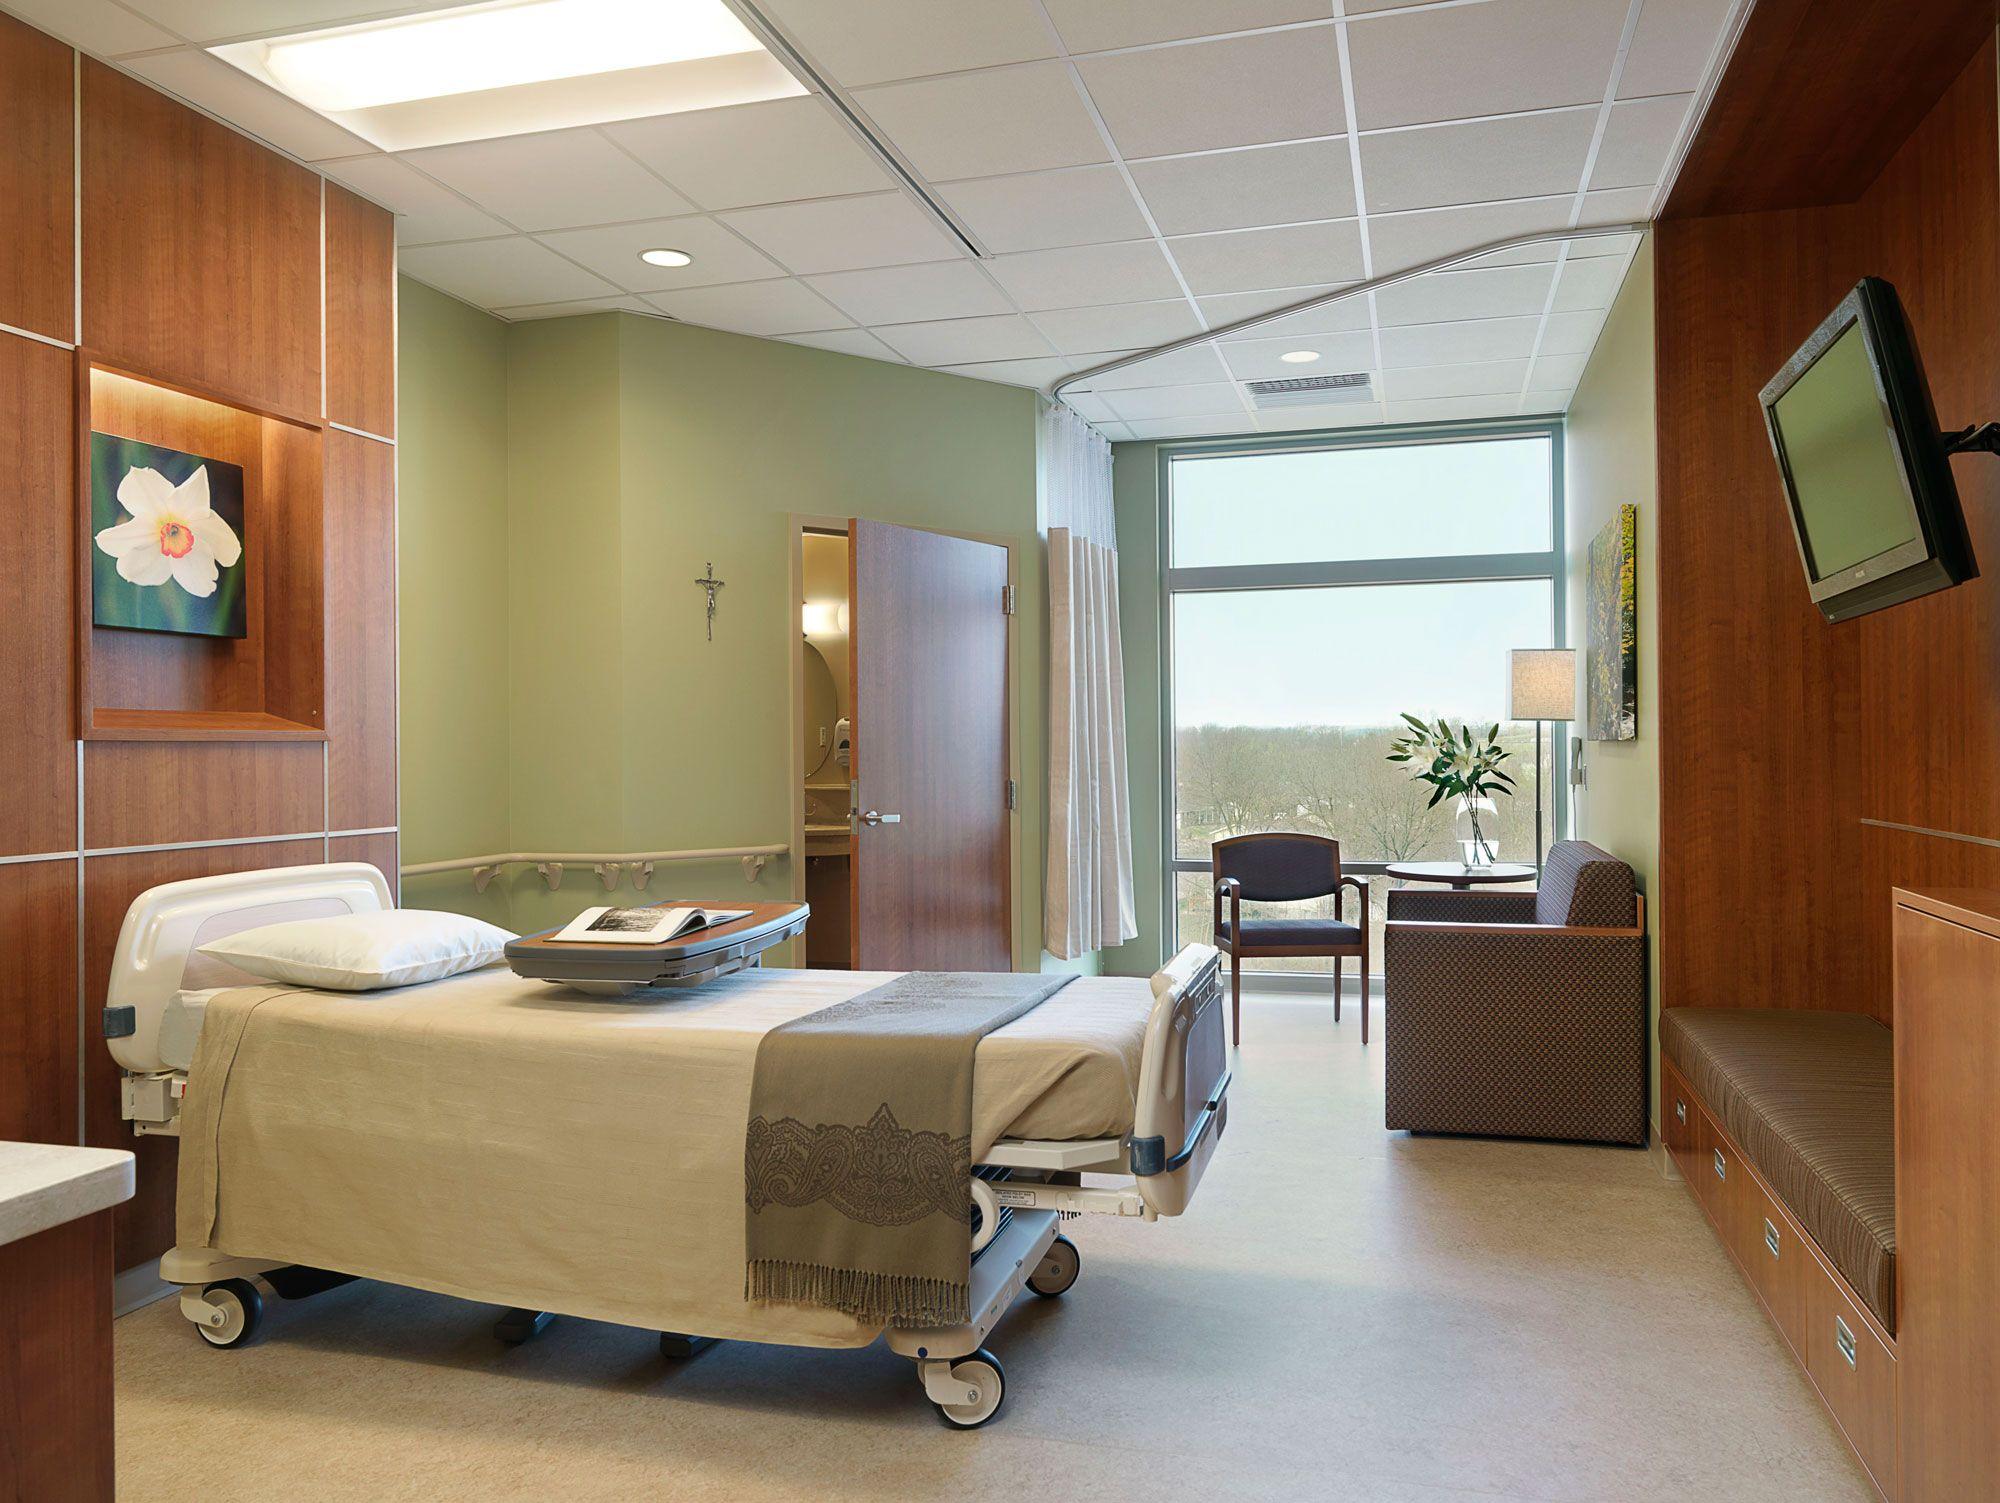 Patient Room Id 265 Hospital Pinterest Room